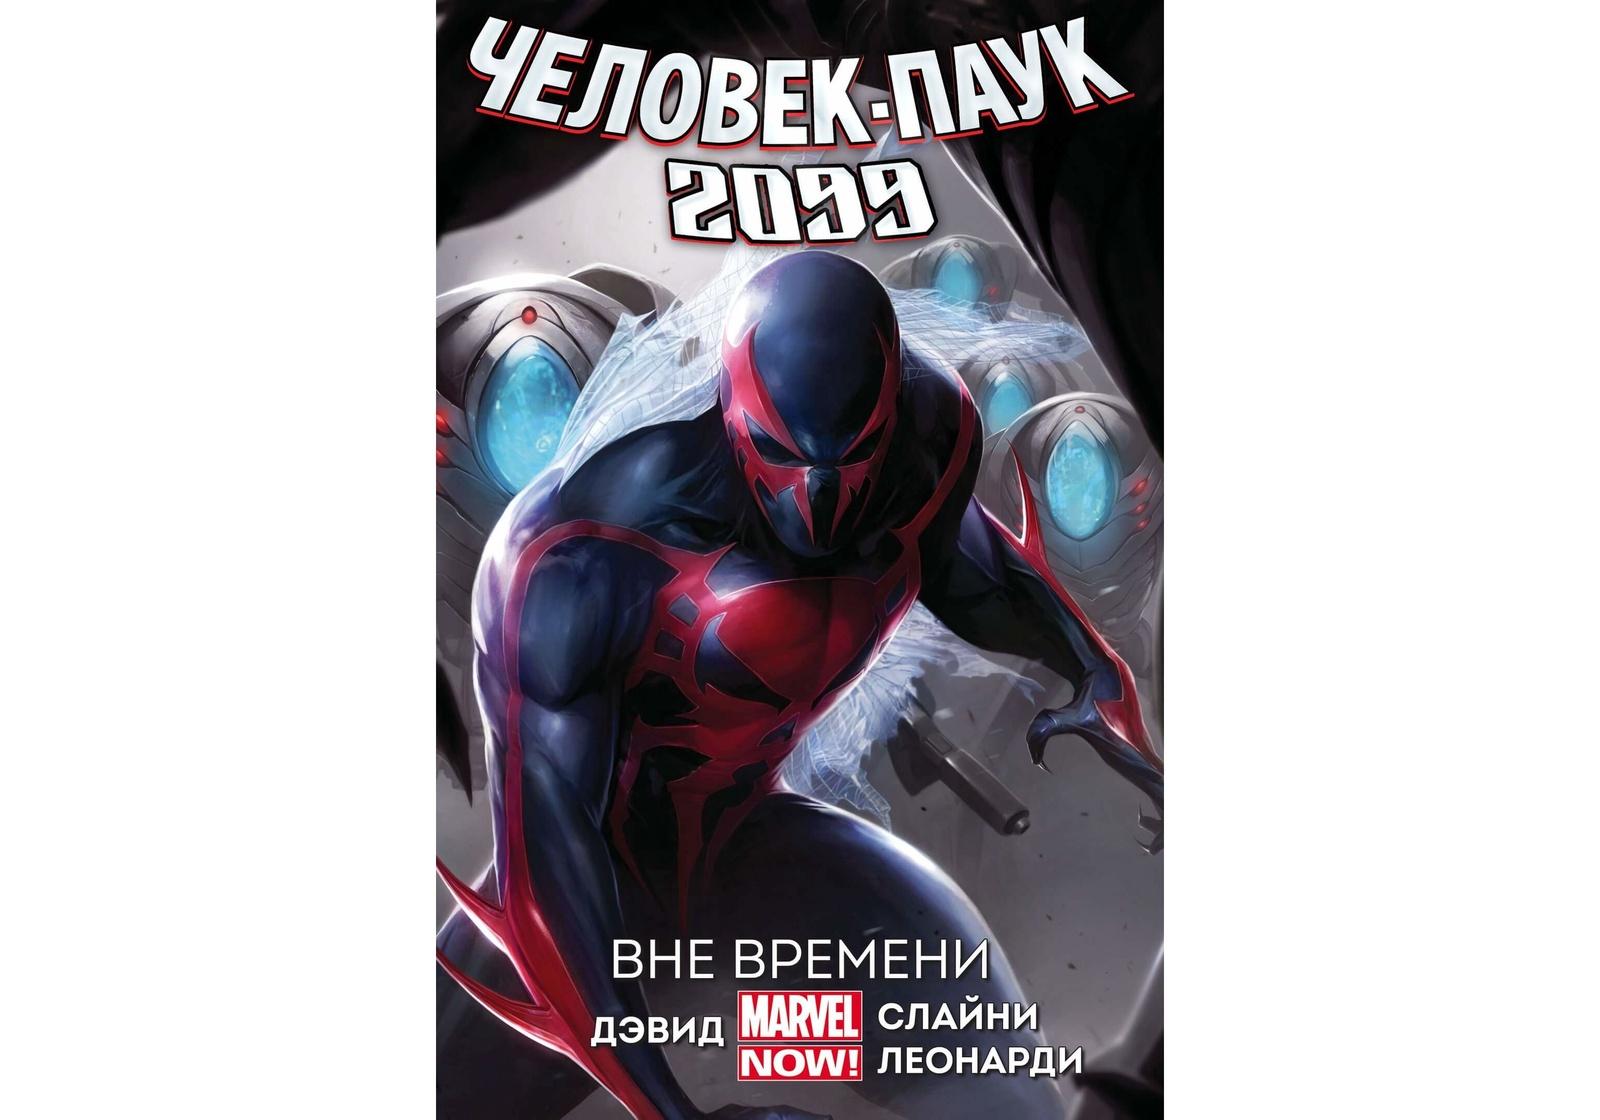 Человек-Паук 2099. Том 1. Вне Времени В 2099 году герой комикса Человек-Паук...